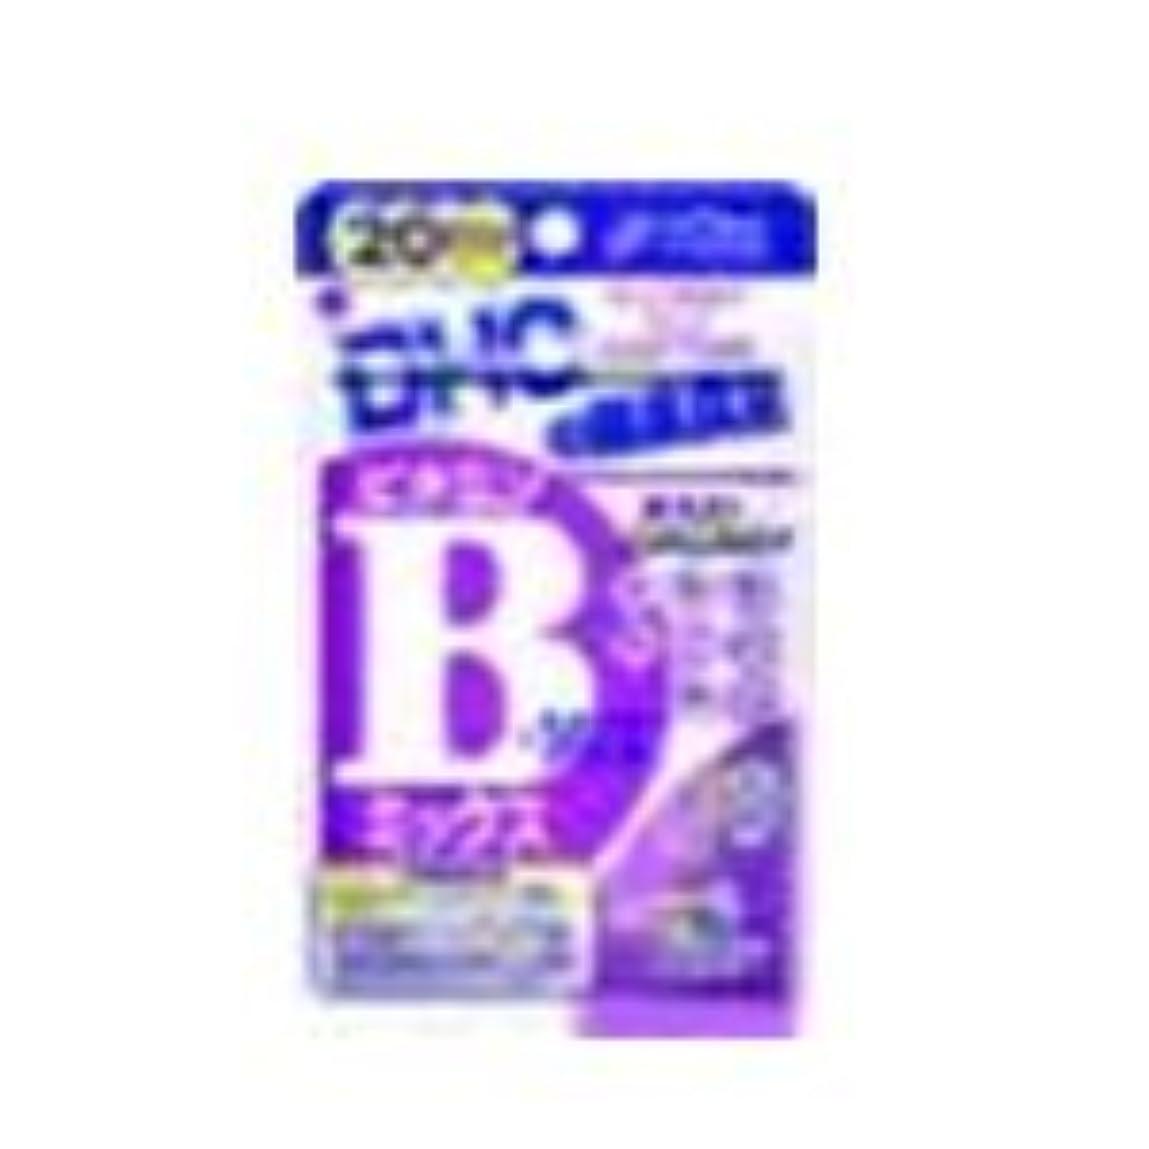 内部スチュワードプラカードDHC ビタミンBミックス 20粒 (20日分)